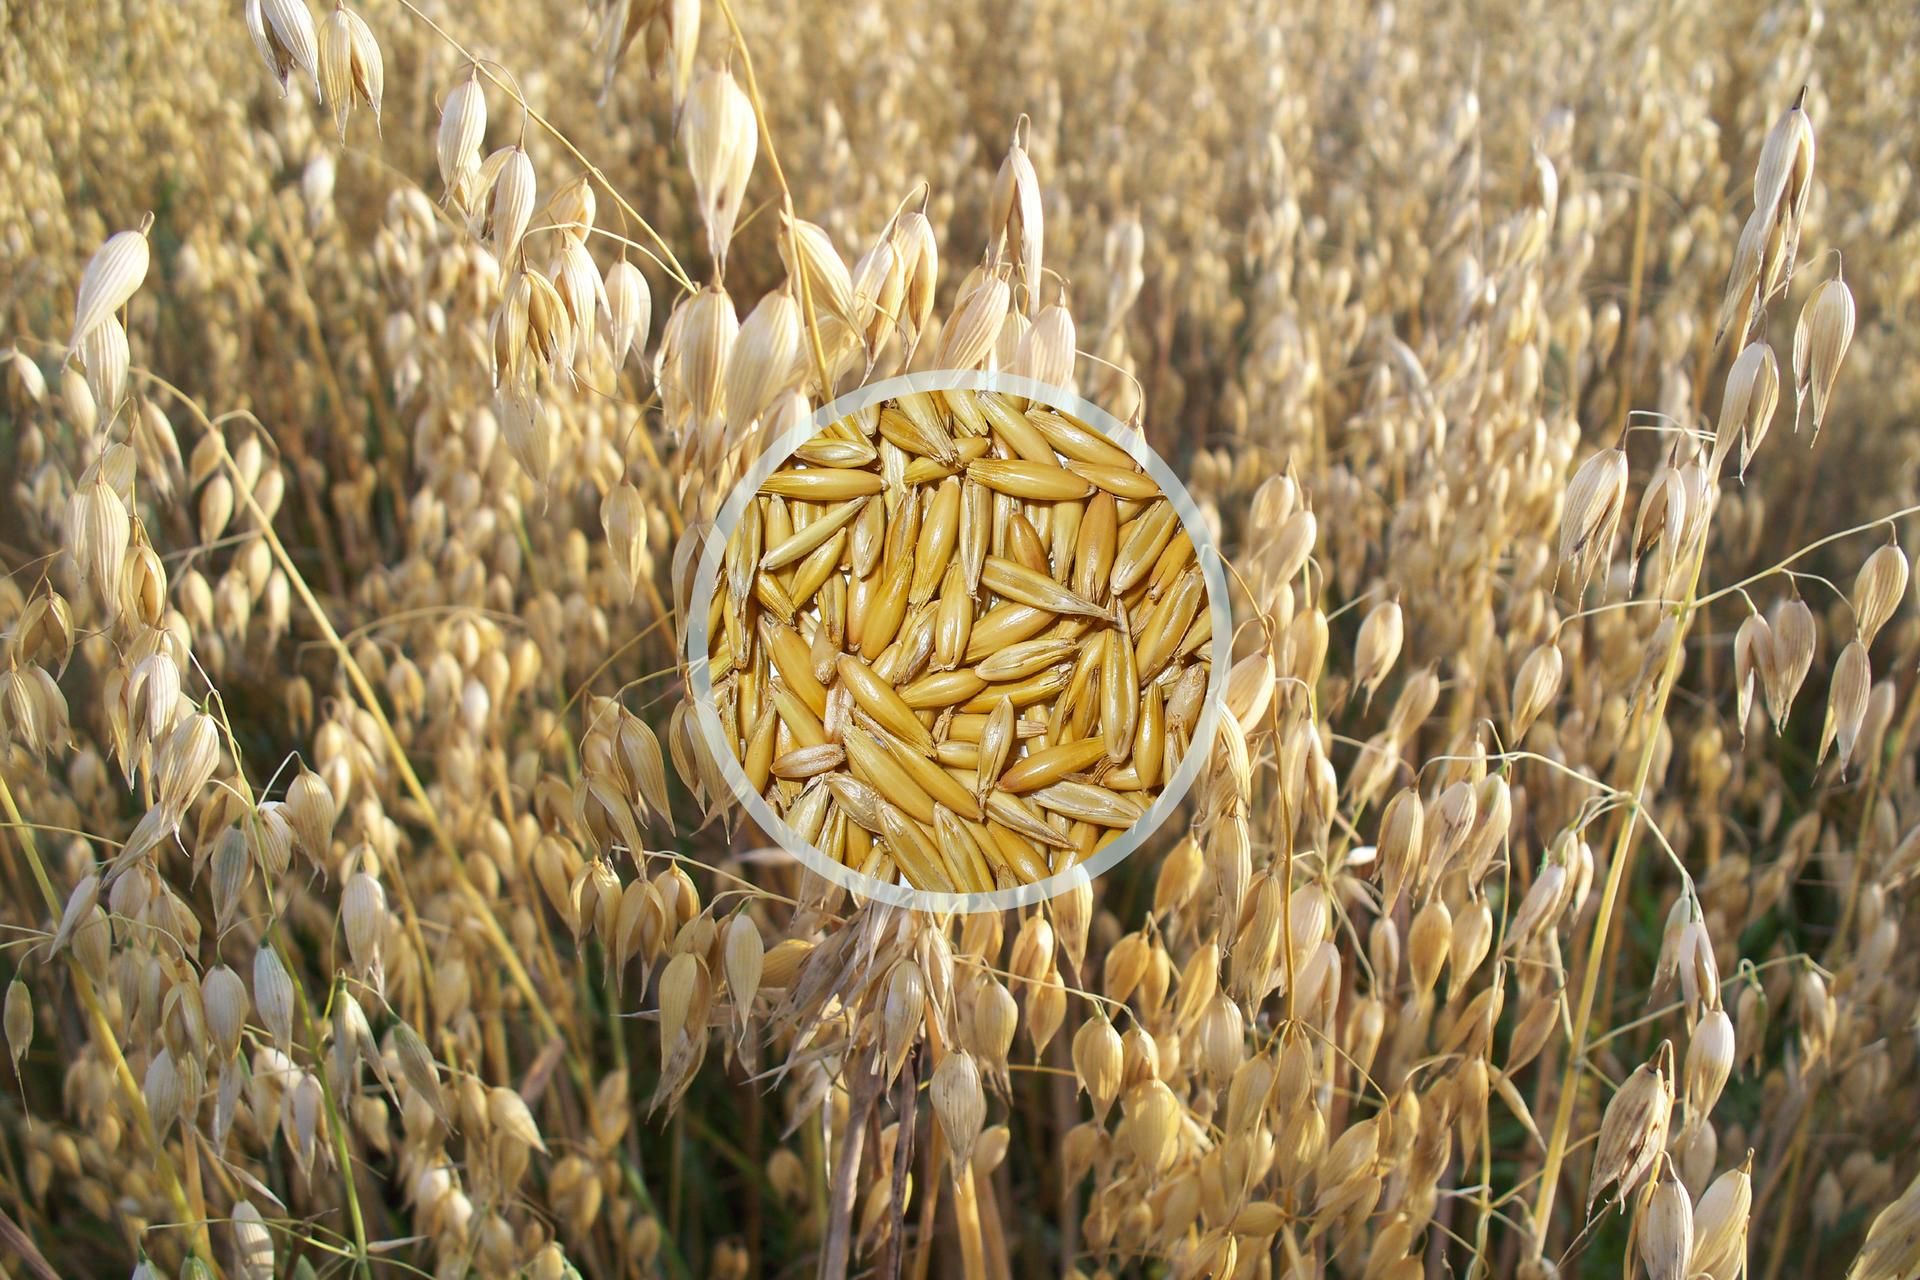 Fotografia przedstawia łan owsa. Ukazano wiechowate, zwisające kłosy zlicznymi nasionami bez ości. Wcentrum nałożone zbliżenie żółtych, długich ziaren.